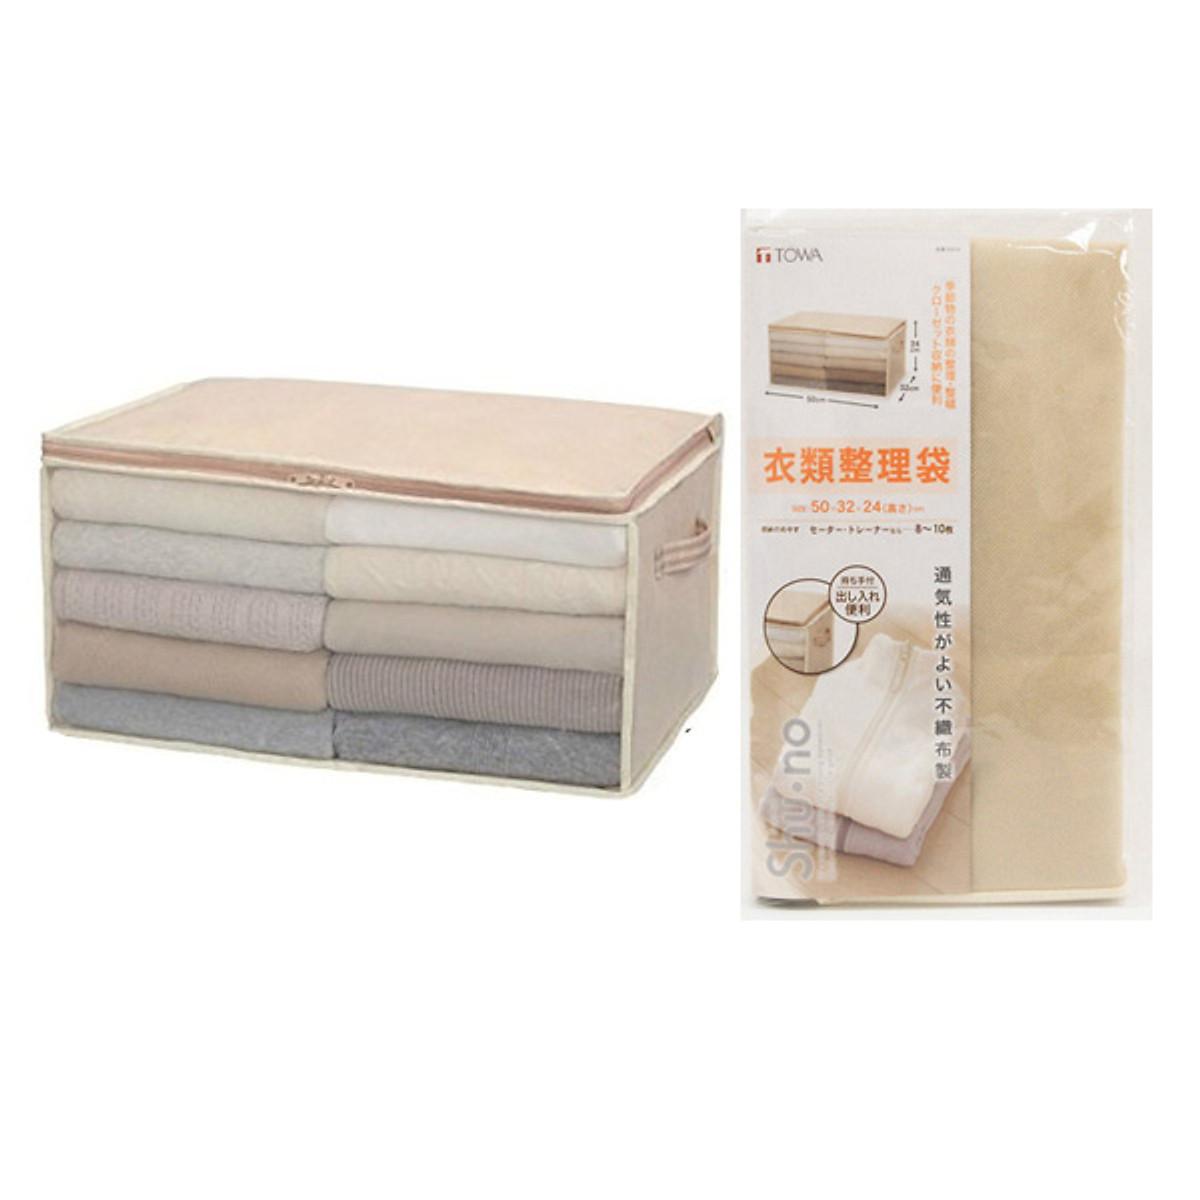 Túi đựng quần áo, chăn mỏng size vừa 50x32x24cm Nhật Bản